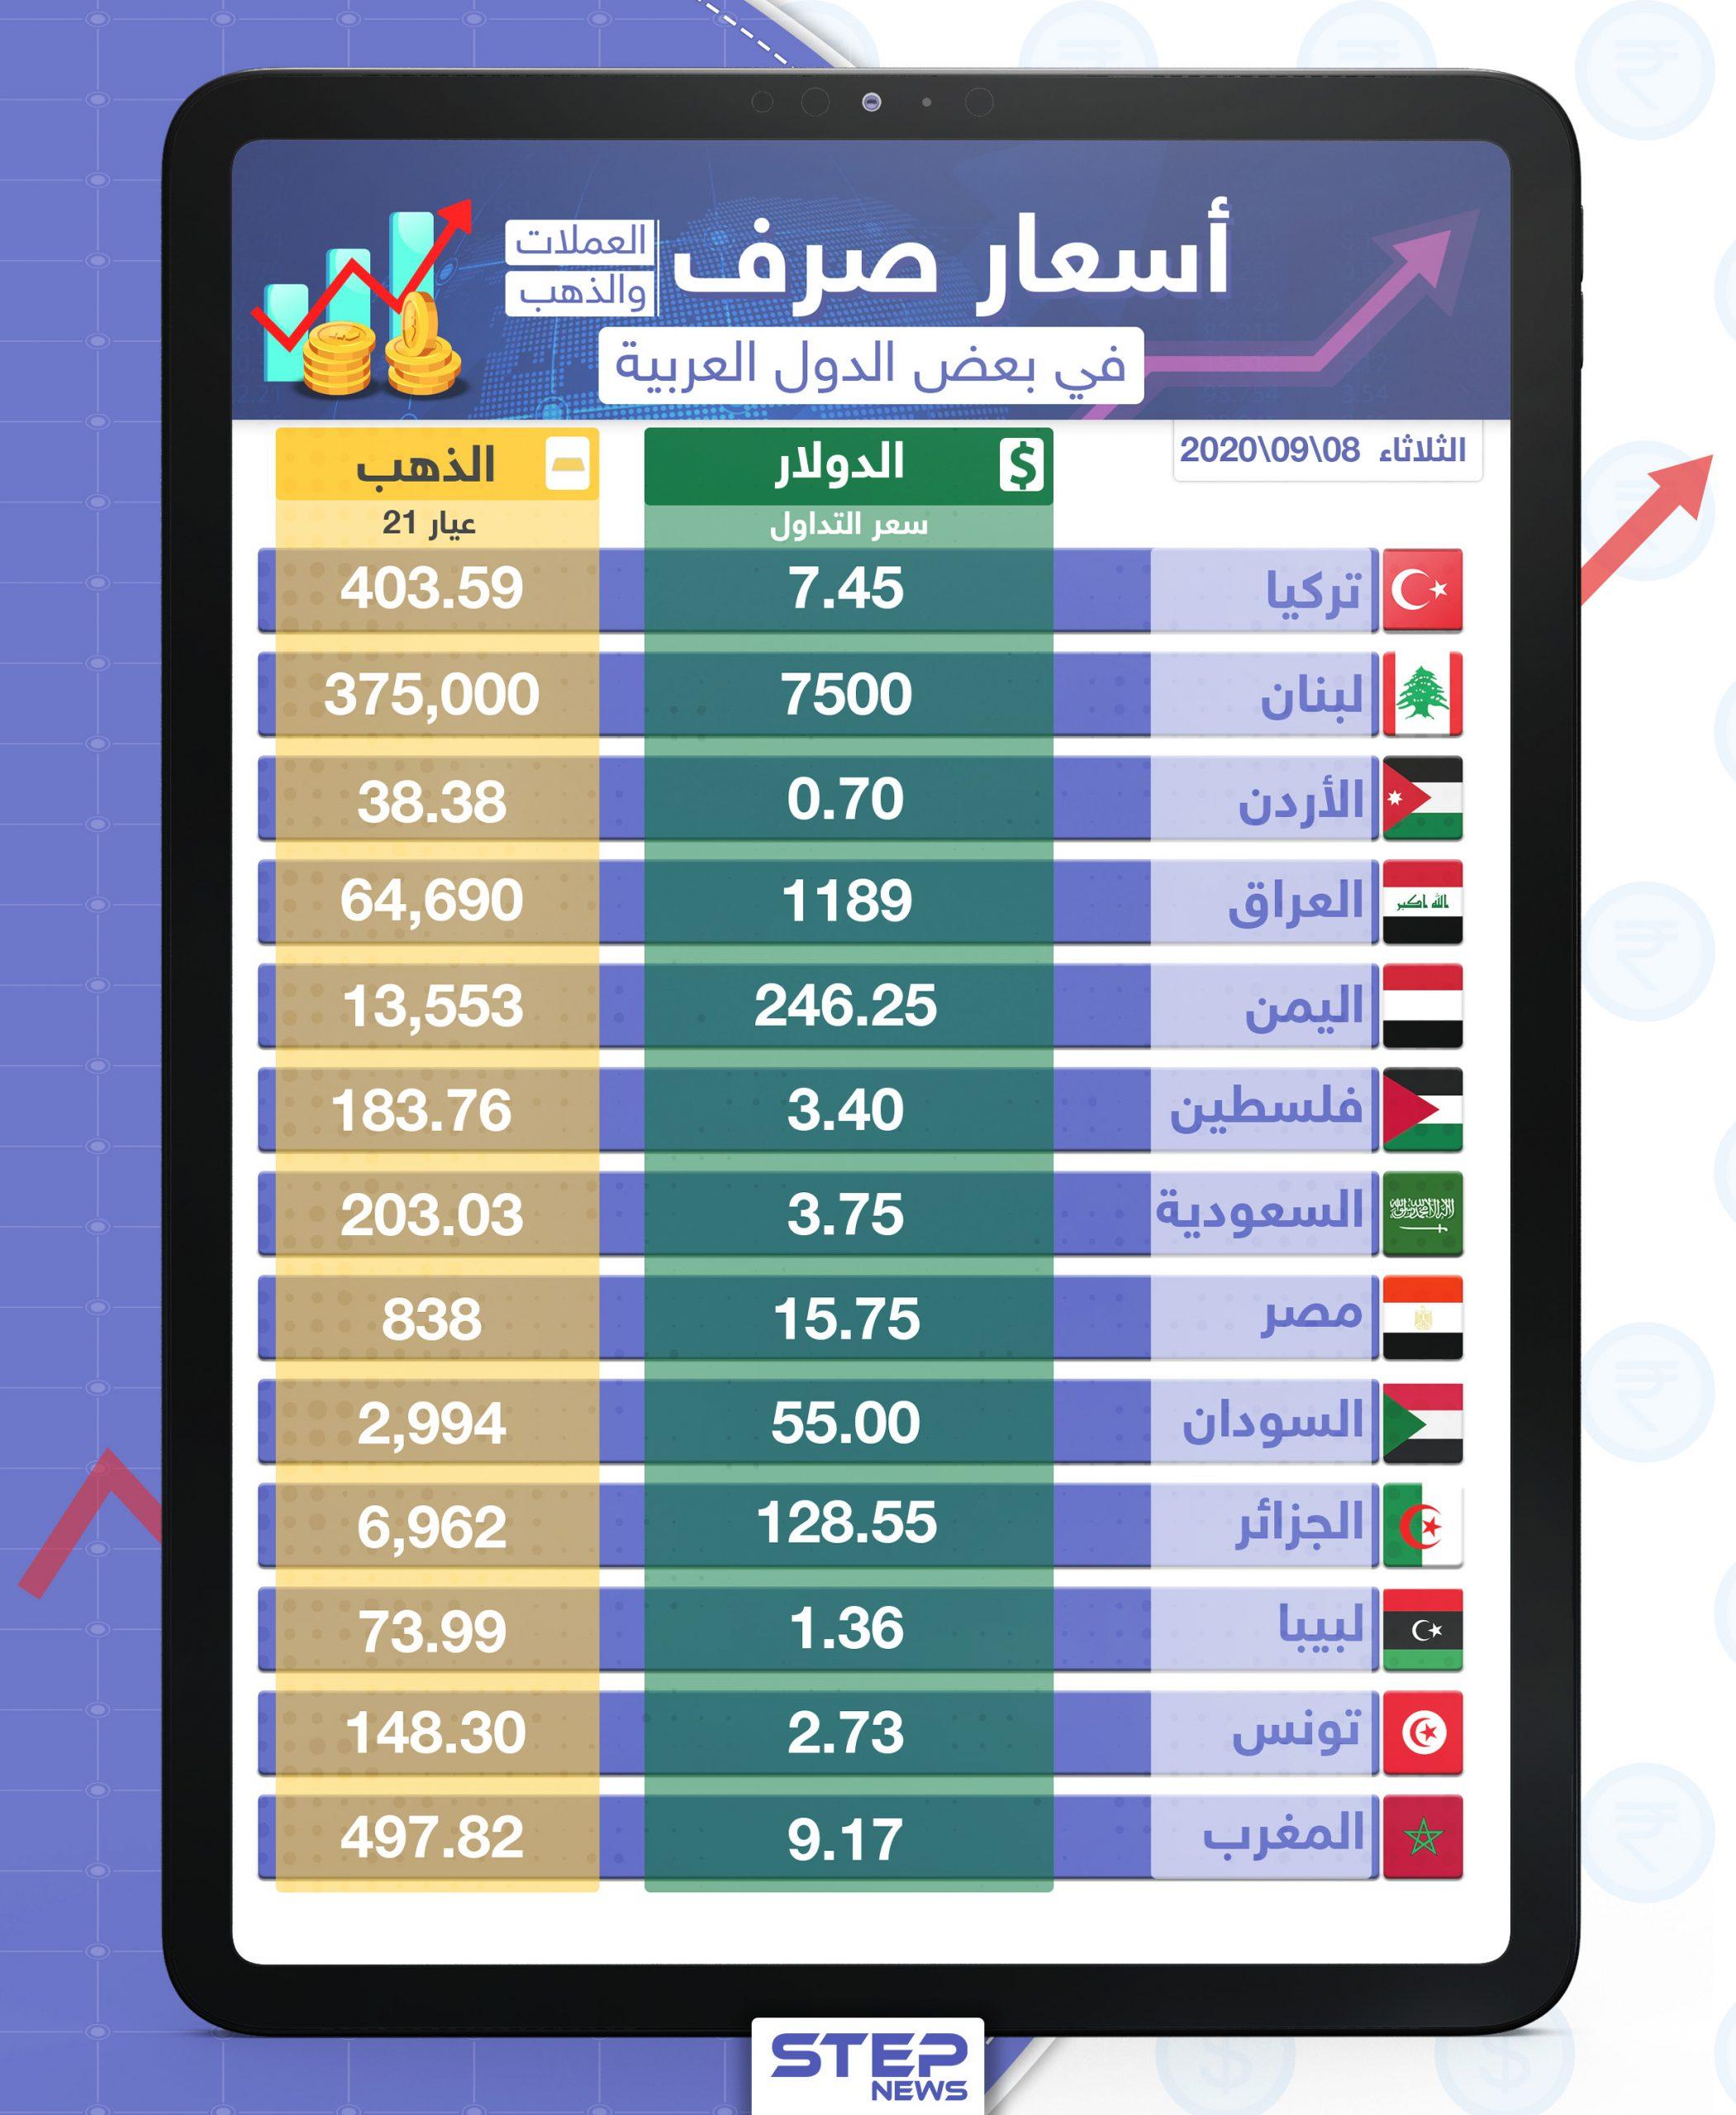 أسعار الذهب والعملات للدول العربية وتركيا اليوم الثلاثاء الموافق 08 آيلول 2020